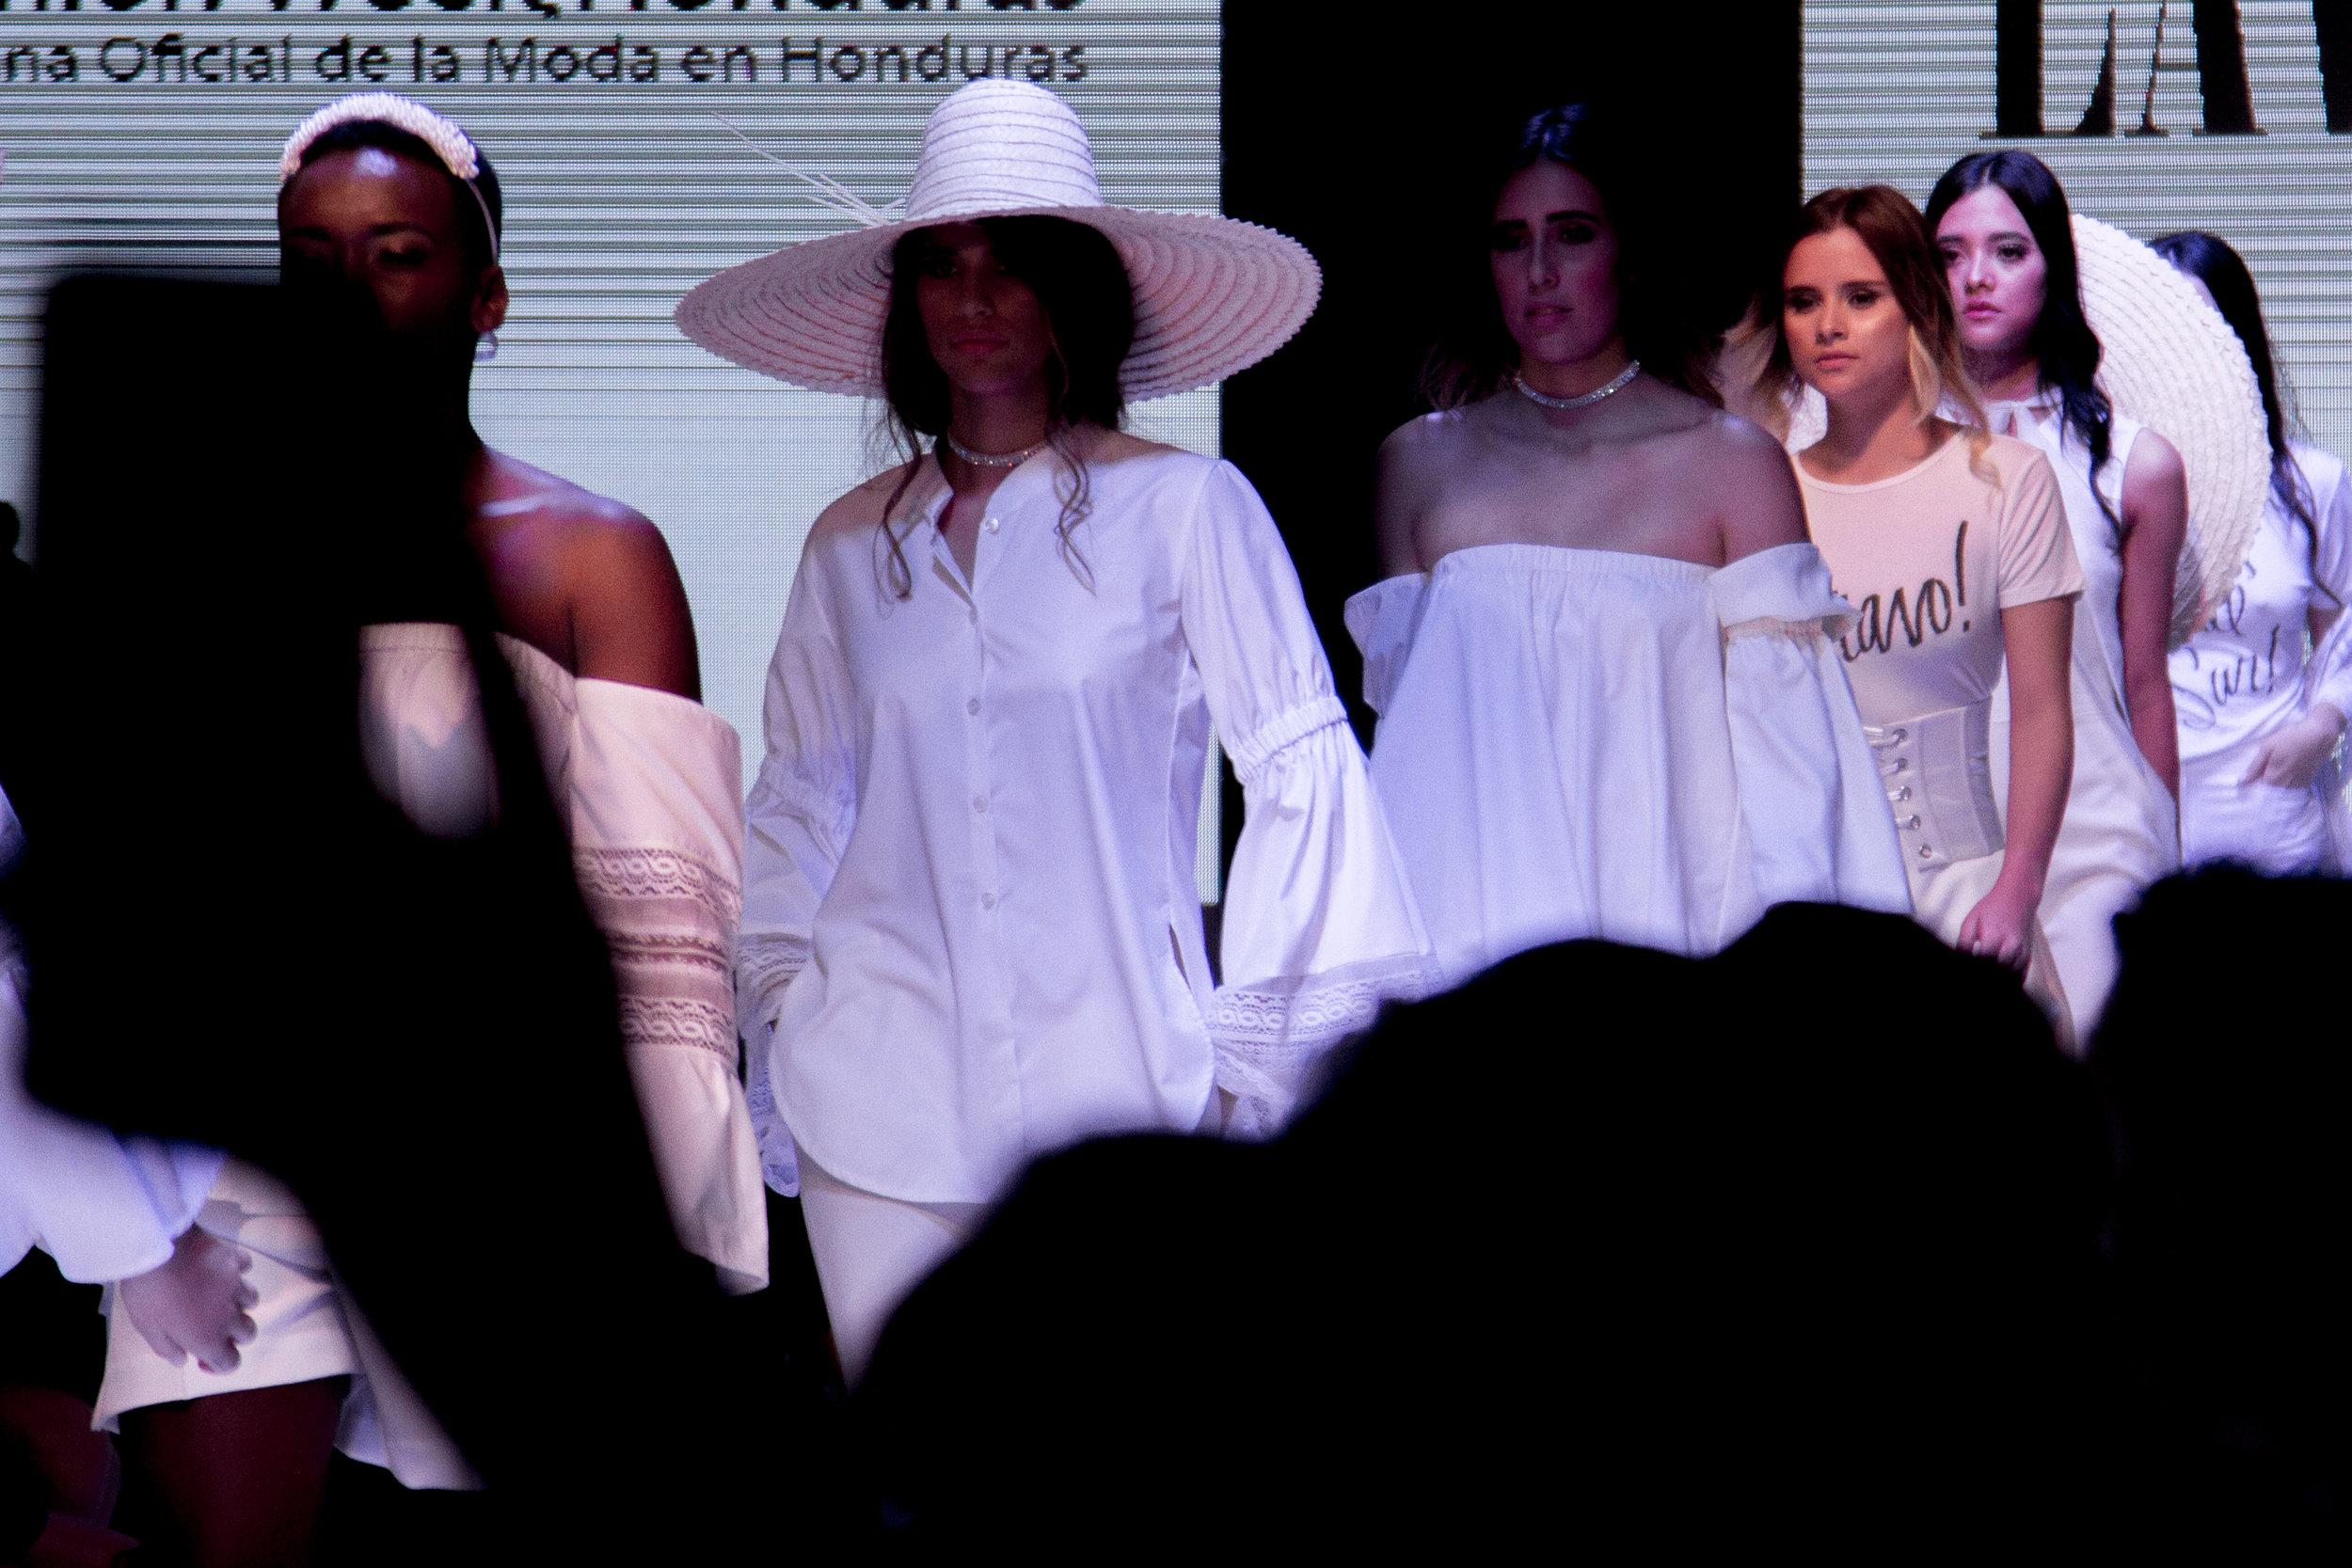 10 años de moda fashion week honduras jose vargas moda pasarela modelos tegucigalpa fashion blog blogger